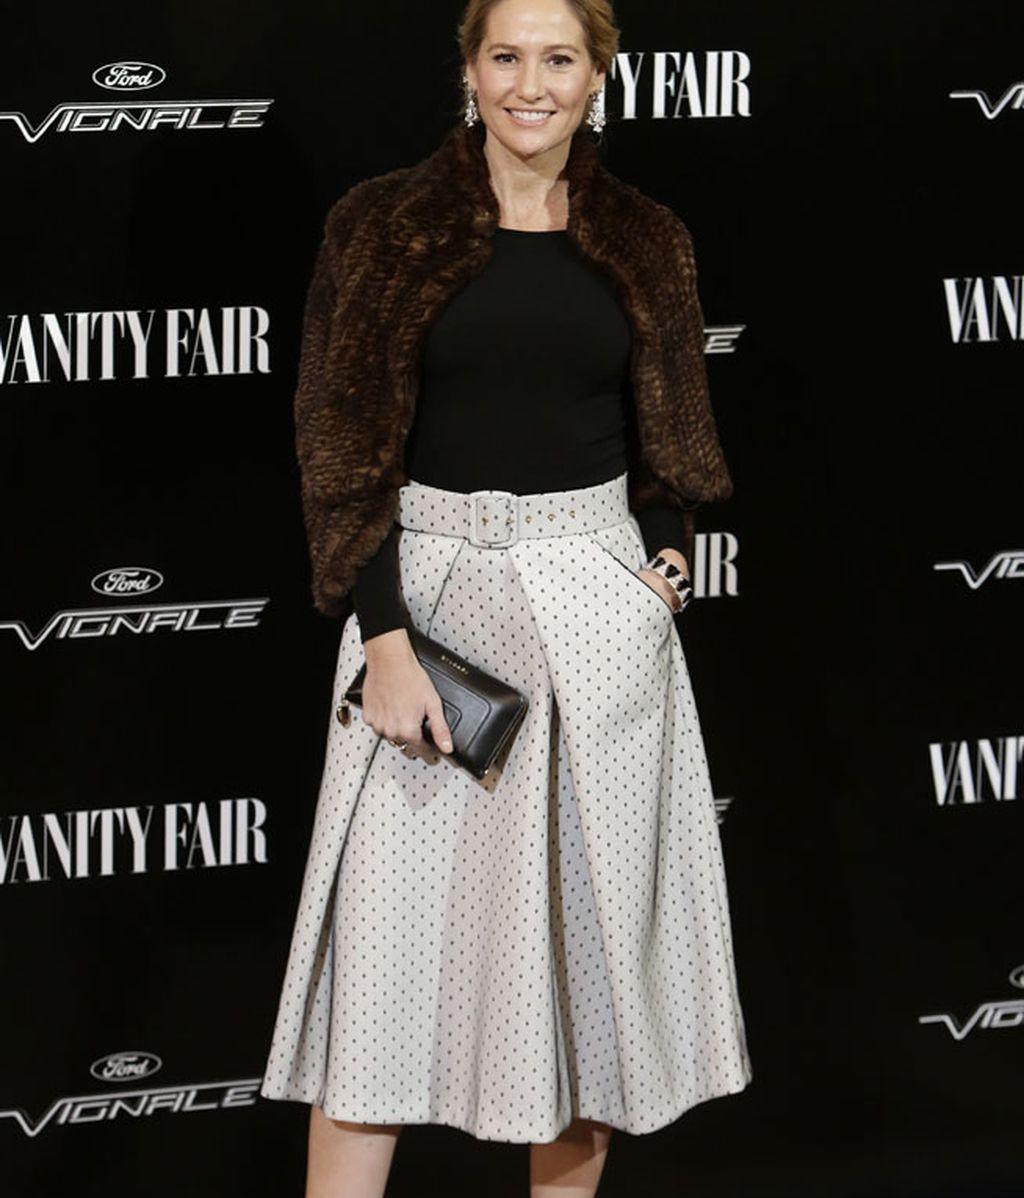 Fiona Ferrer apostó por una falda gris con lunares estilo años 50